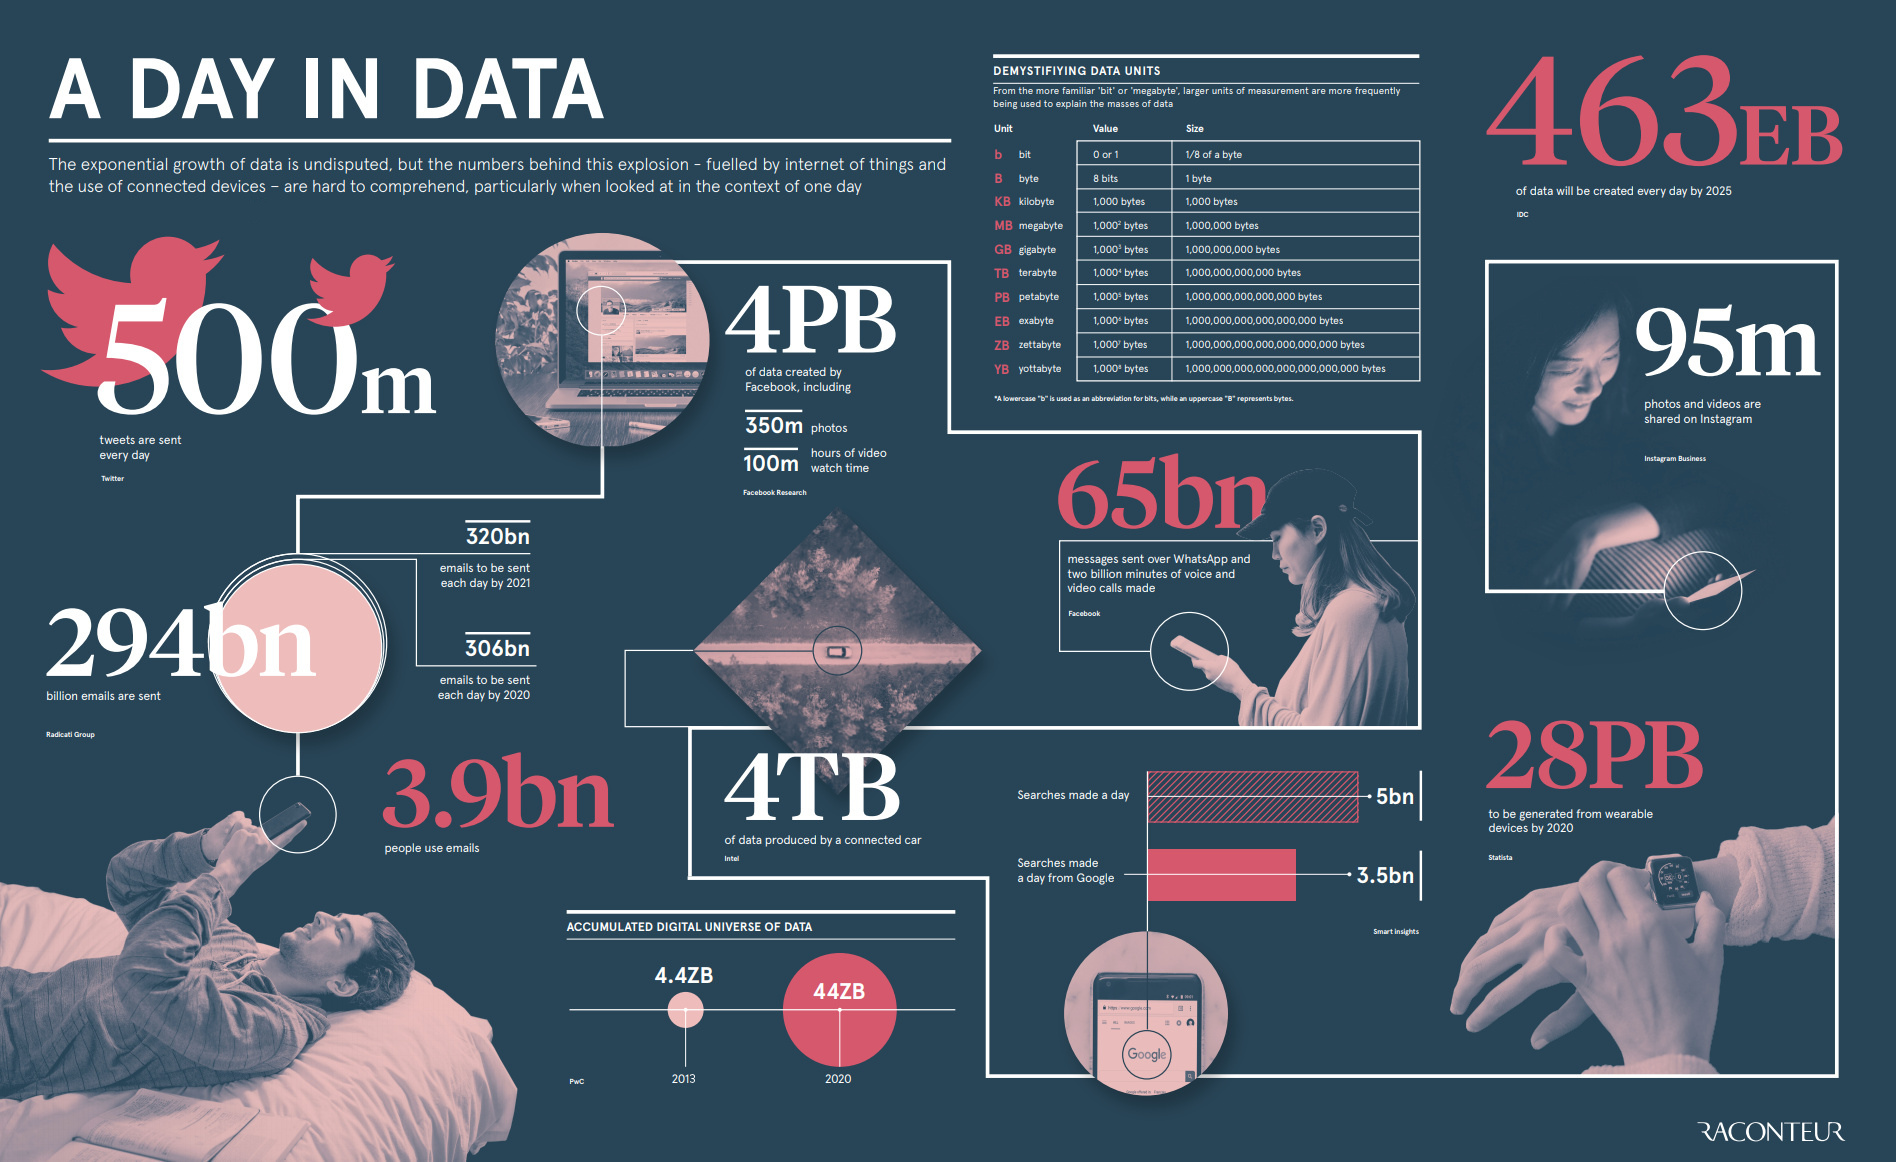 Les données numériques produites chaque jour en 2019 et dans le futur, au détriment de l'environnement ?